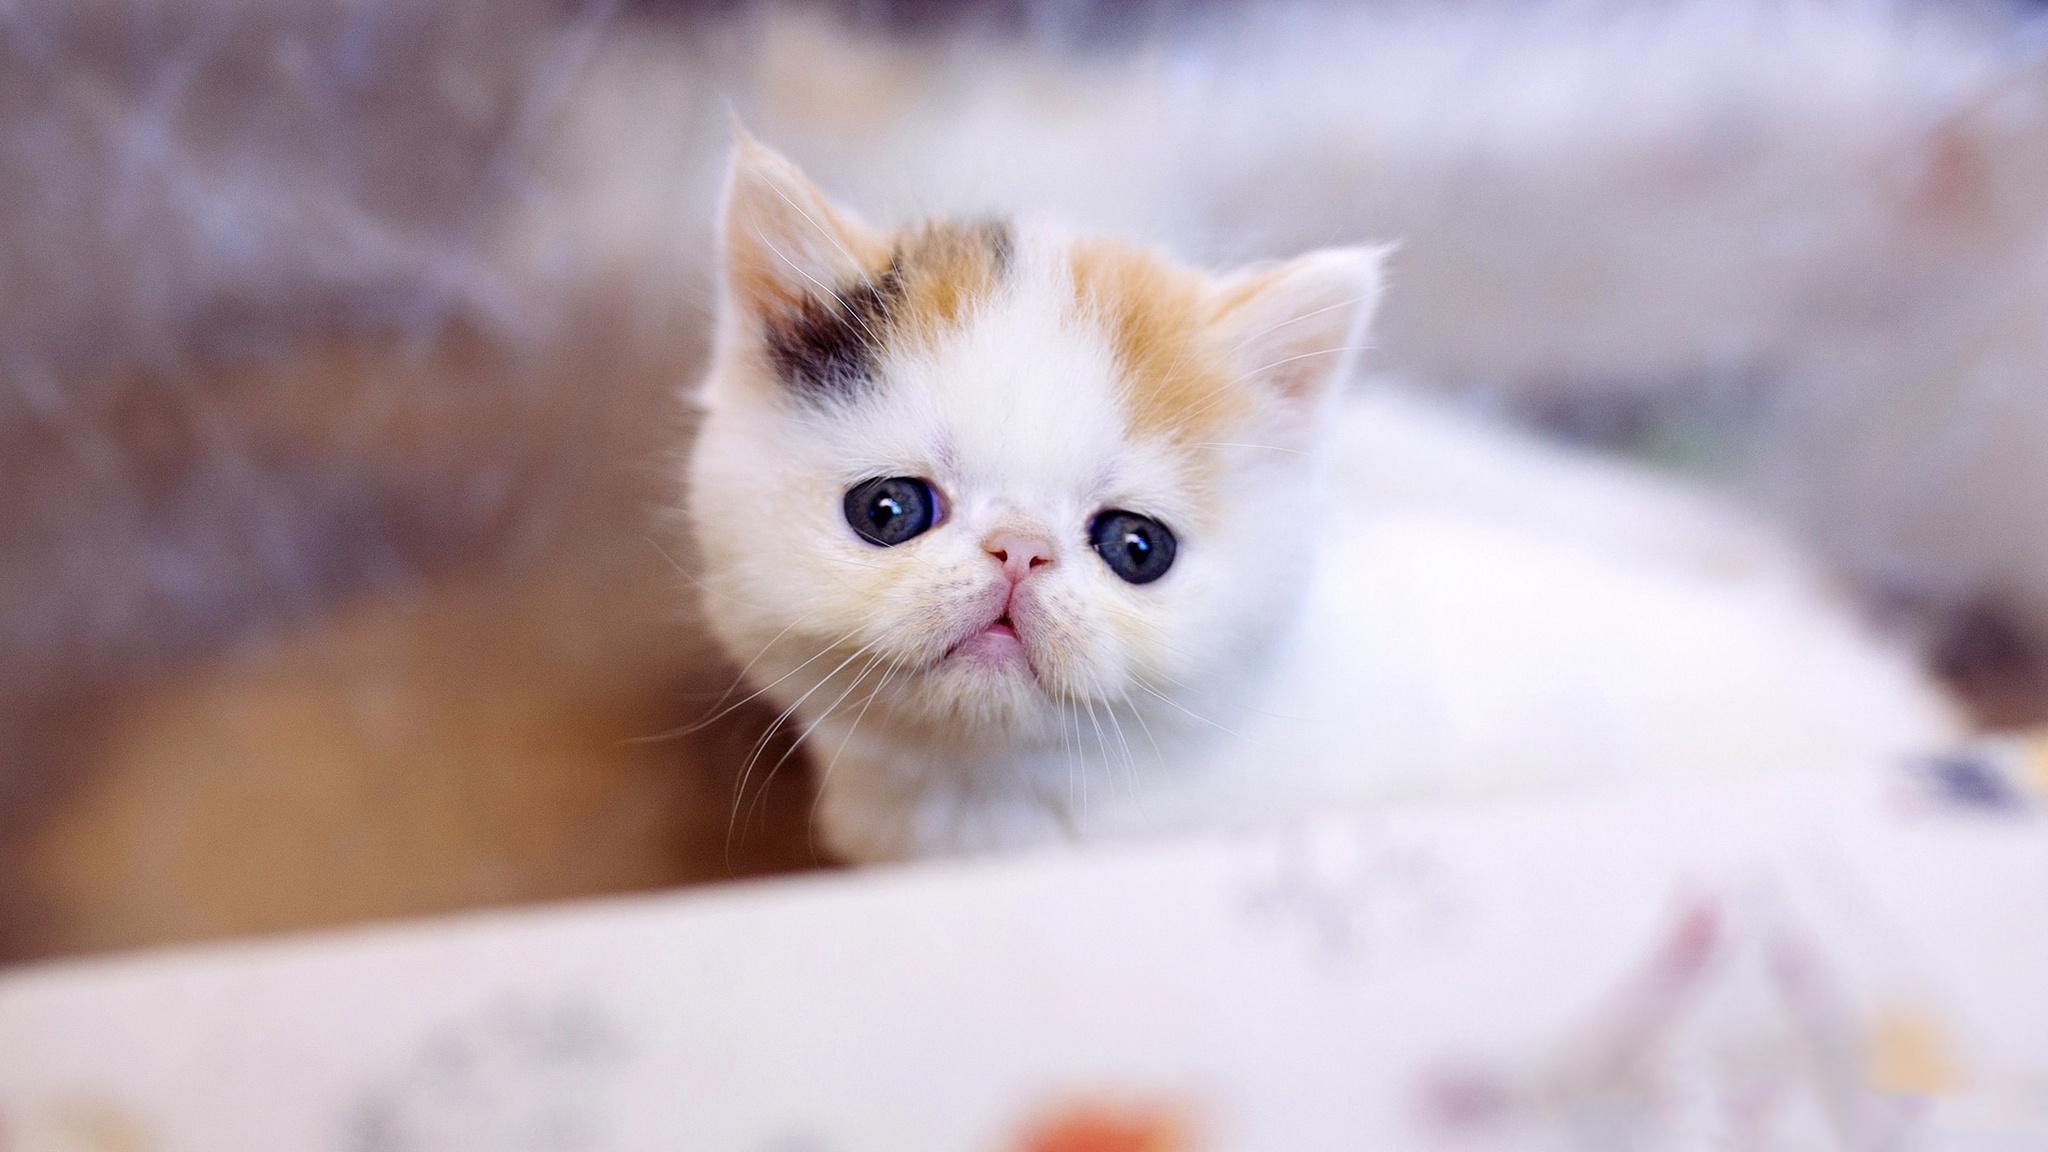 Картинки белых котиков милых и няшных